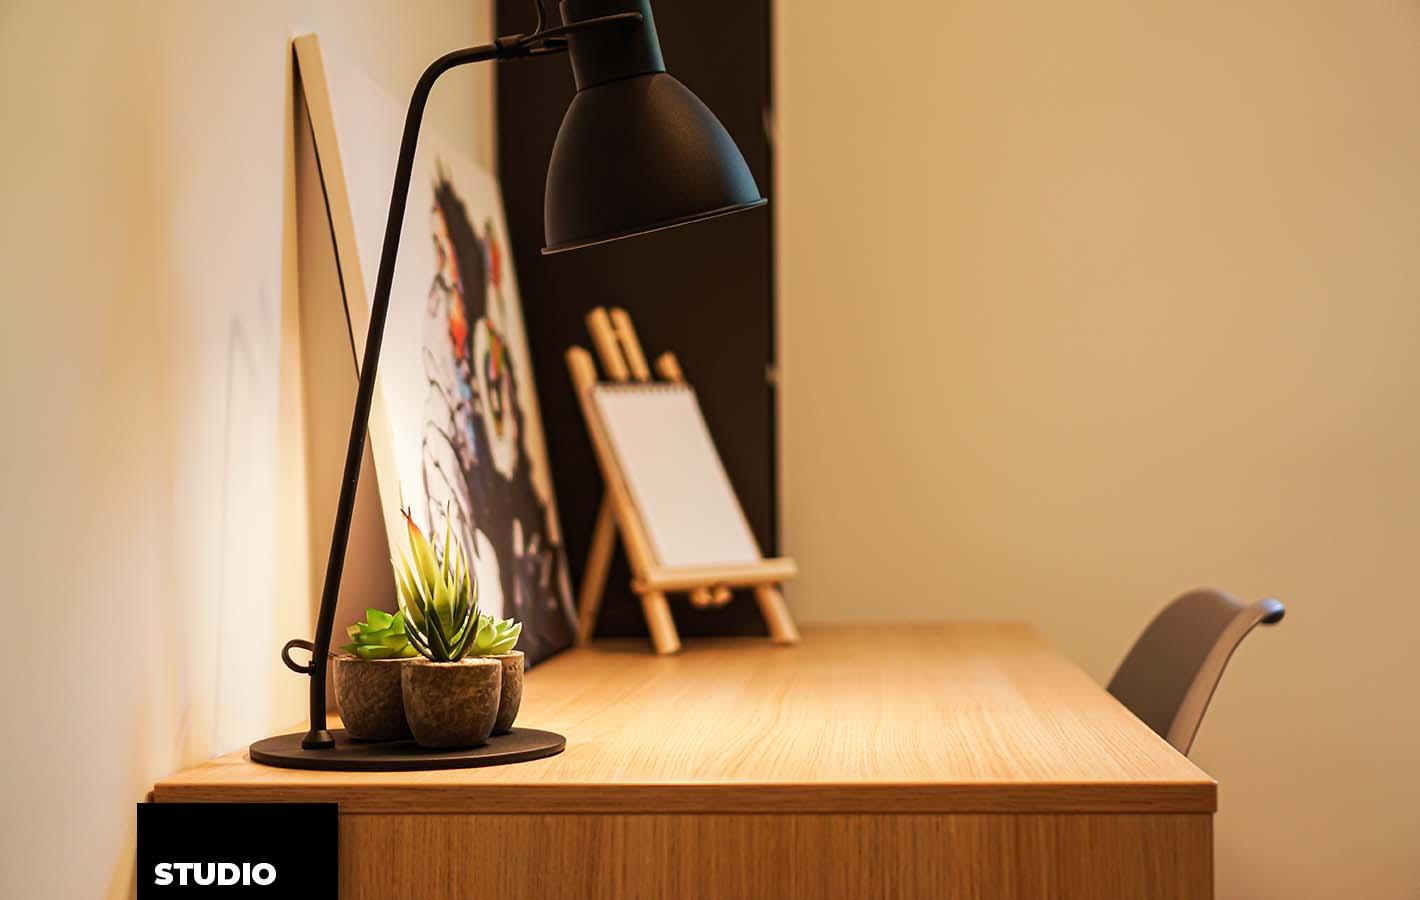 image  2021 09 02 residence etudiante suitetudes la galerie studio bureau 2 1